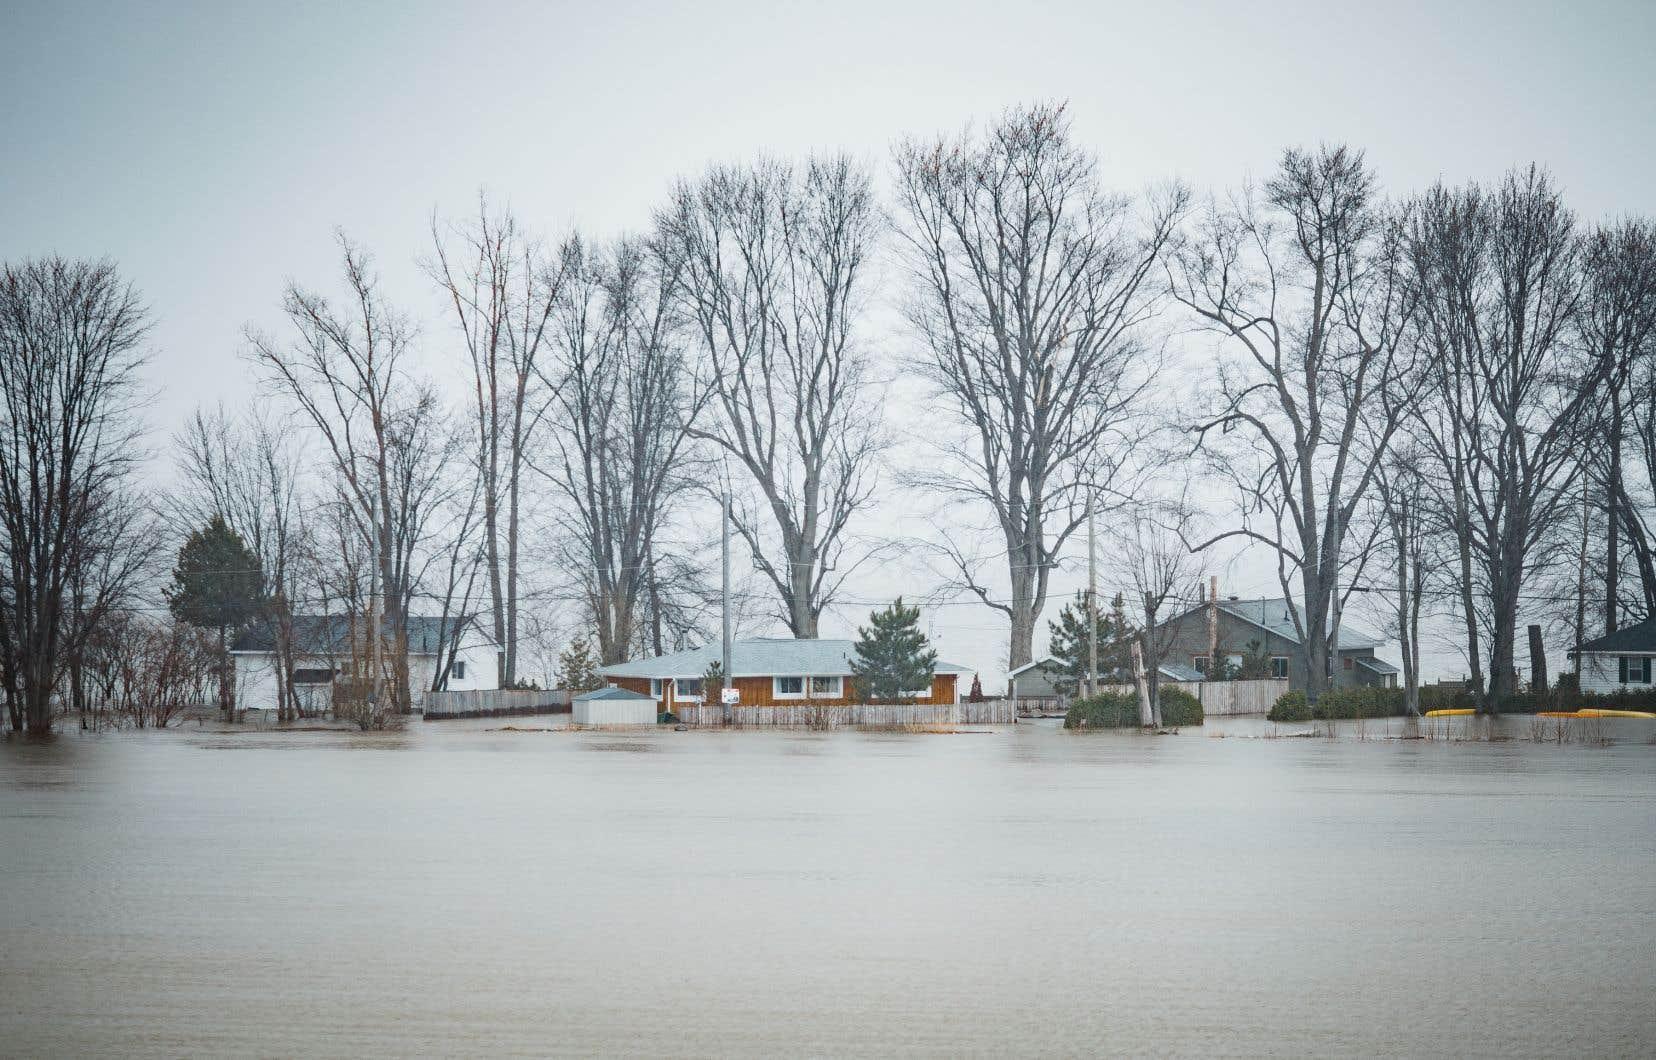 Les inondations printanières ont frappé plusieurs régions du Québec dans les dernières semaines, notamment l'Outaouais, la Beauce, la Mauricie, les Laurentides et Montréal.